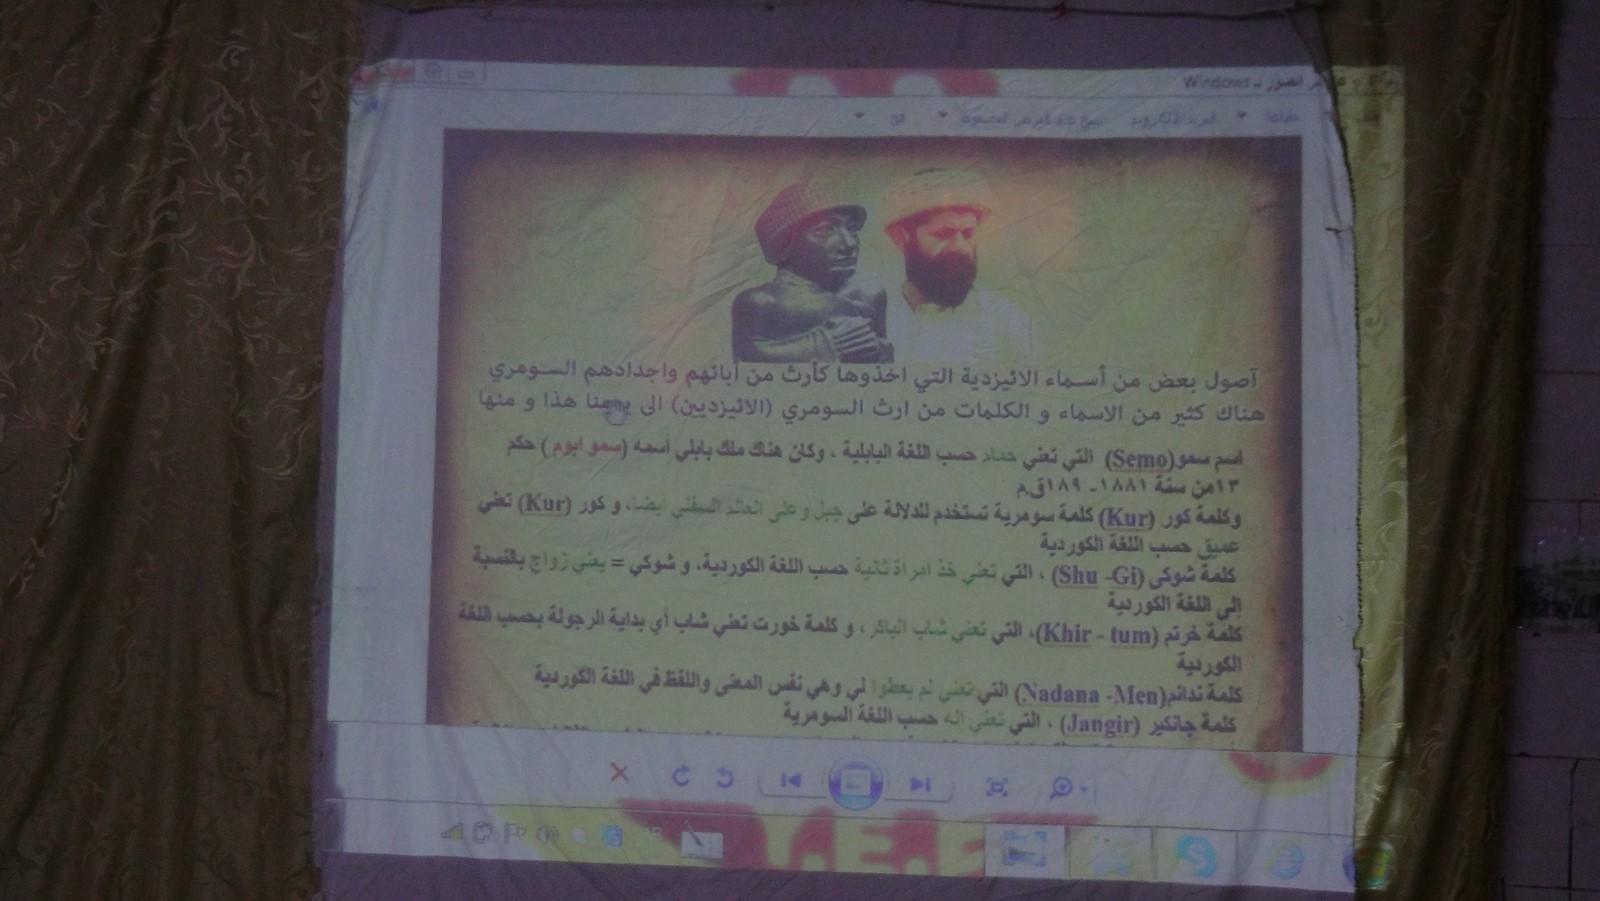 https://www.hawarnews.com/ar/uploads/files/2021/01/12/130356_shehba-ceten-tirk-28129.jpg